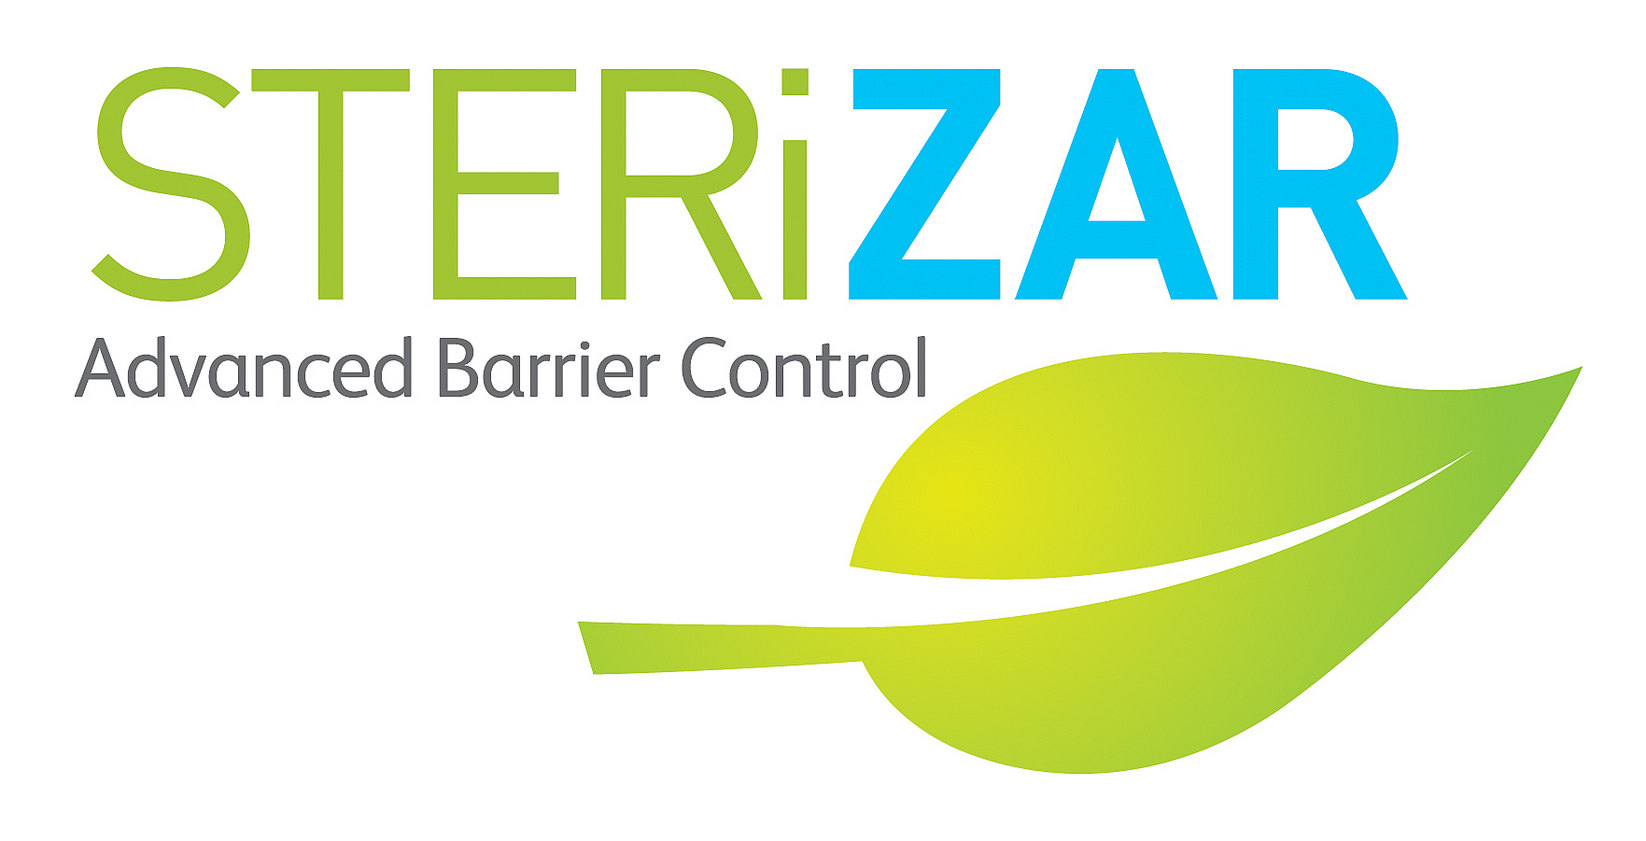 Sterizar Logo